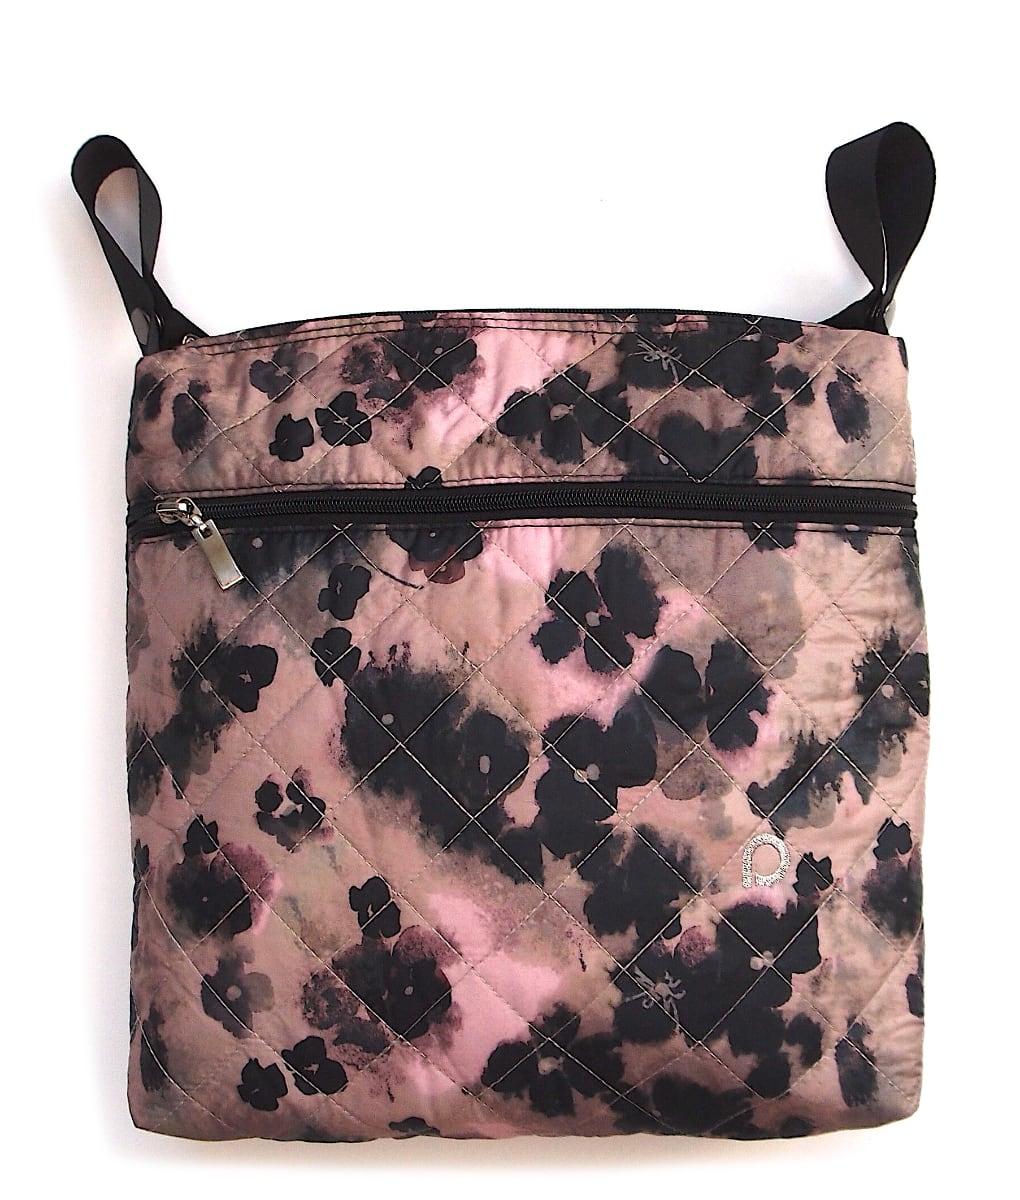 kliknutít zobrazíte maximální velikost obrázku malá taška Black Flowers-crossbody